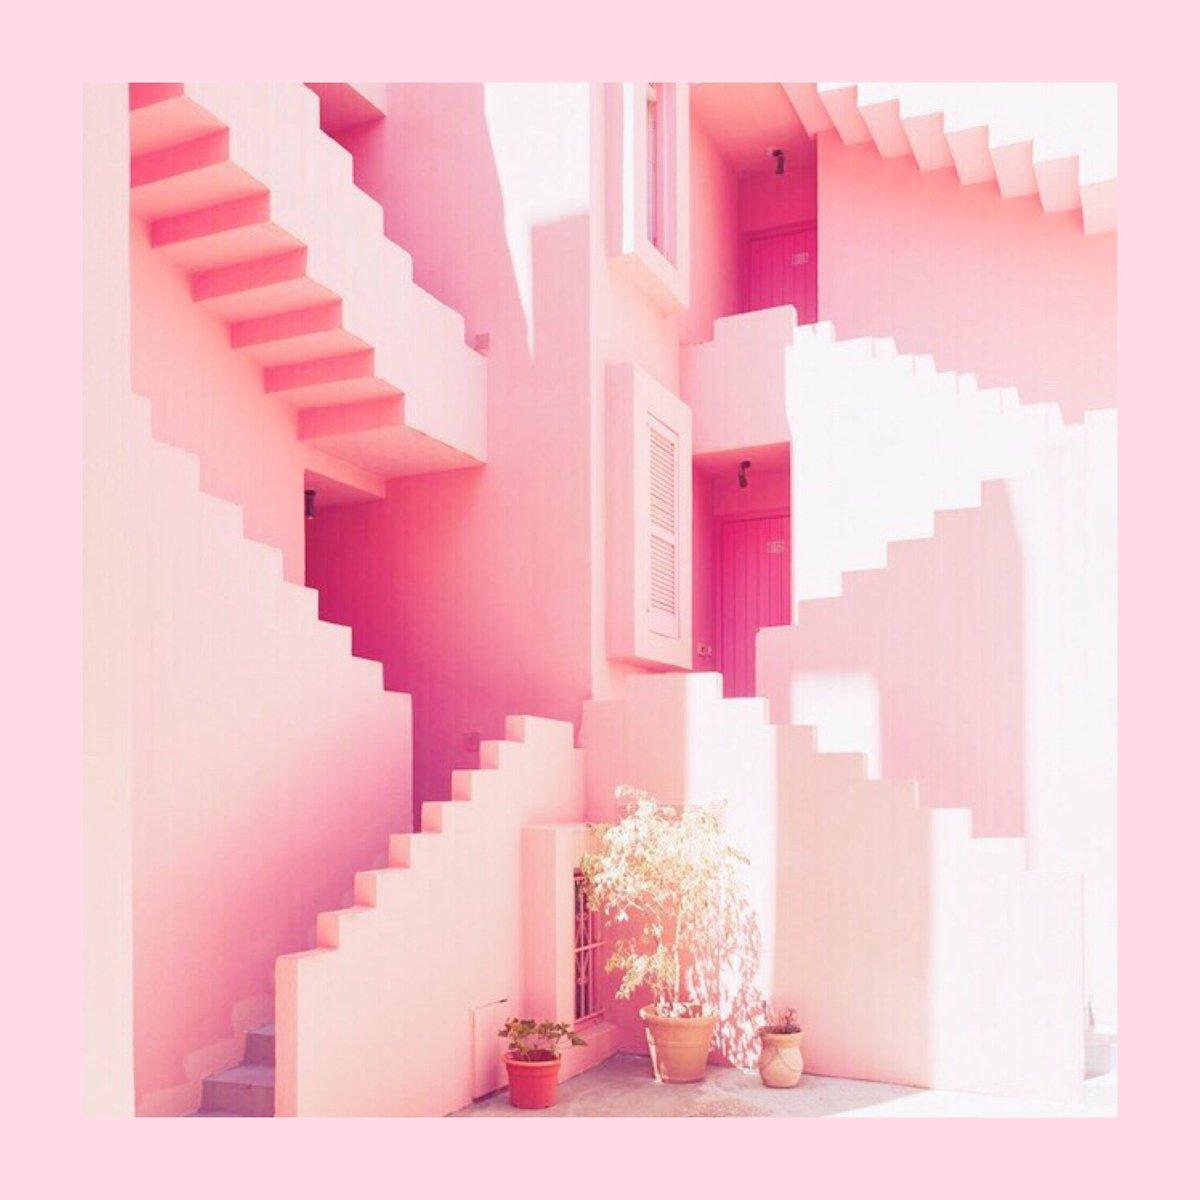 階段 海外 風景 アート オブジェ ピンクの建物 ピンクの壁 PINKPINKPINK ピンク PINK PINKLUSH  ⇒ https//pinklush.jp/ pic.twitter.com/B4ADISVI4W